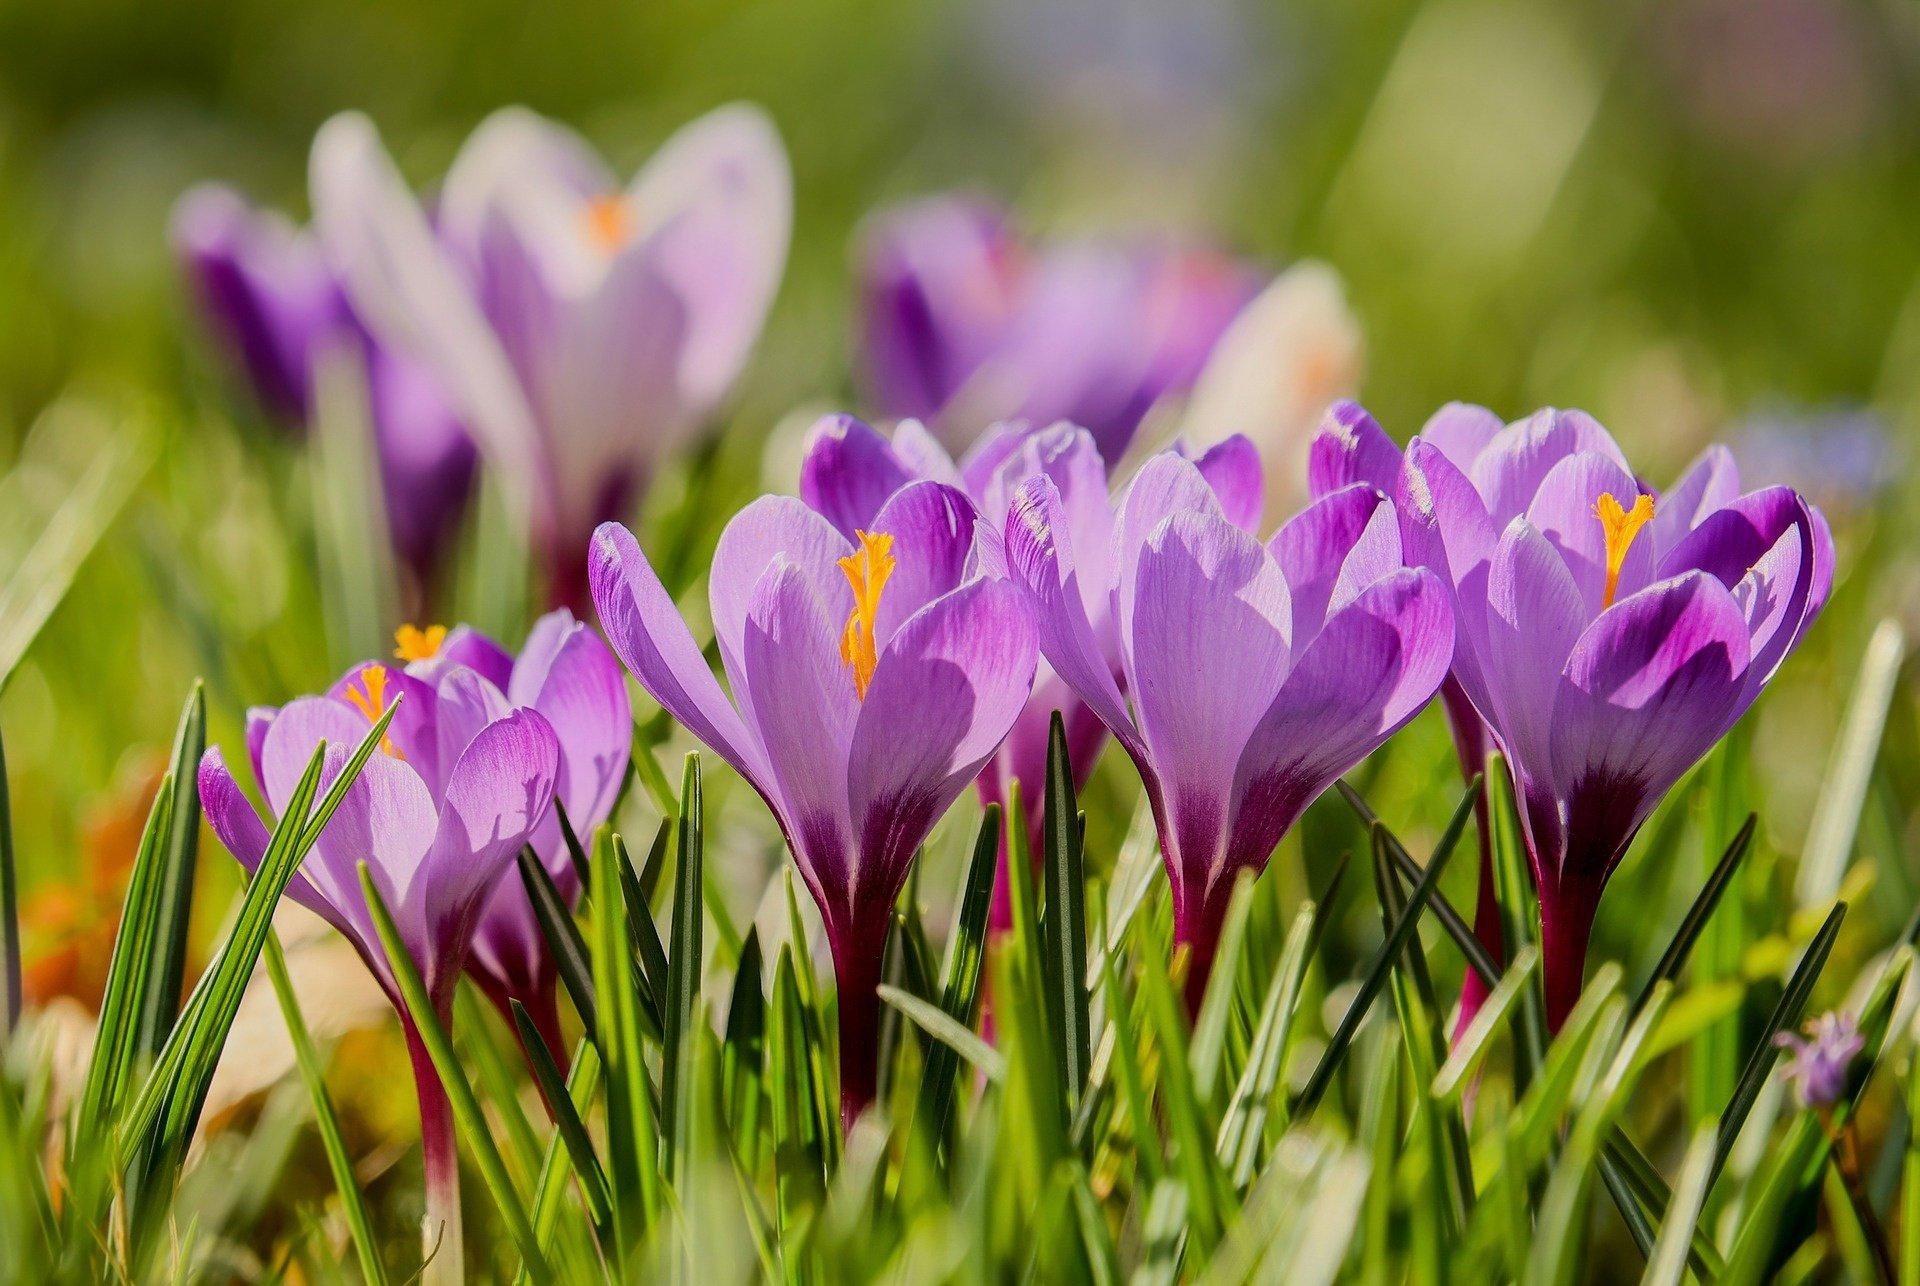 自然 - 番红花  大自然 花 Purple Flower 微距 壁纸